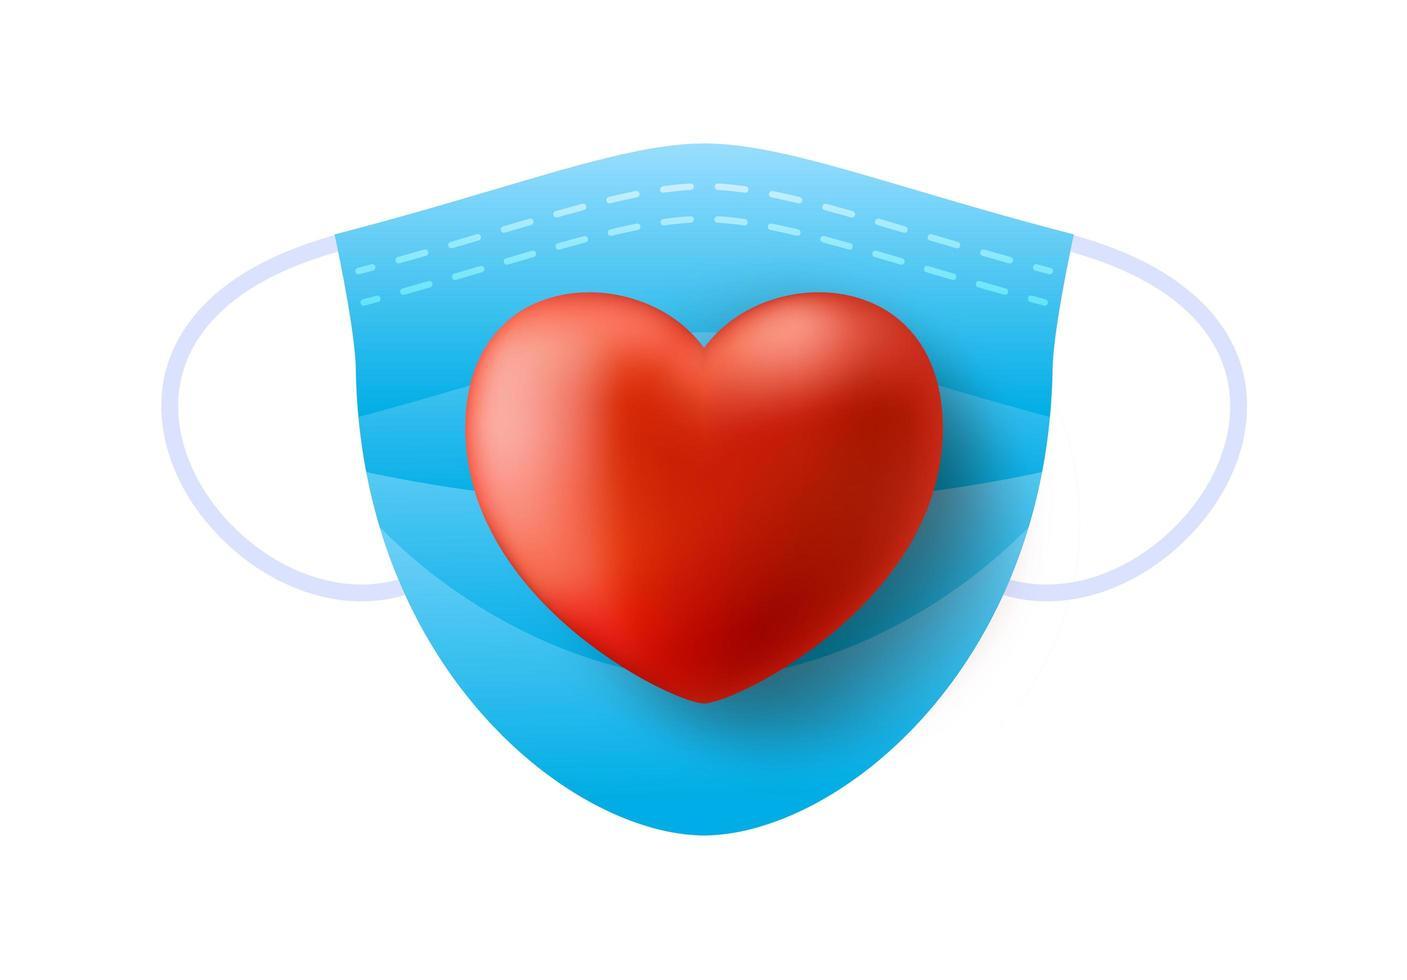 simpatico cuore rosso realistico sulla maschera medica blu vettore